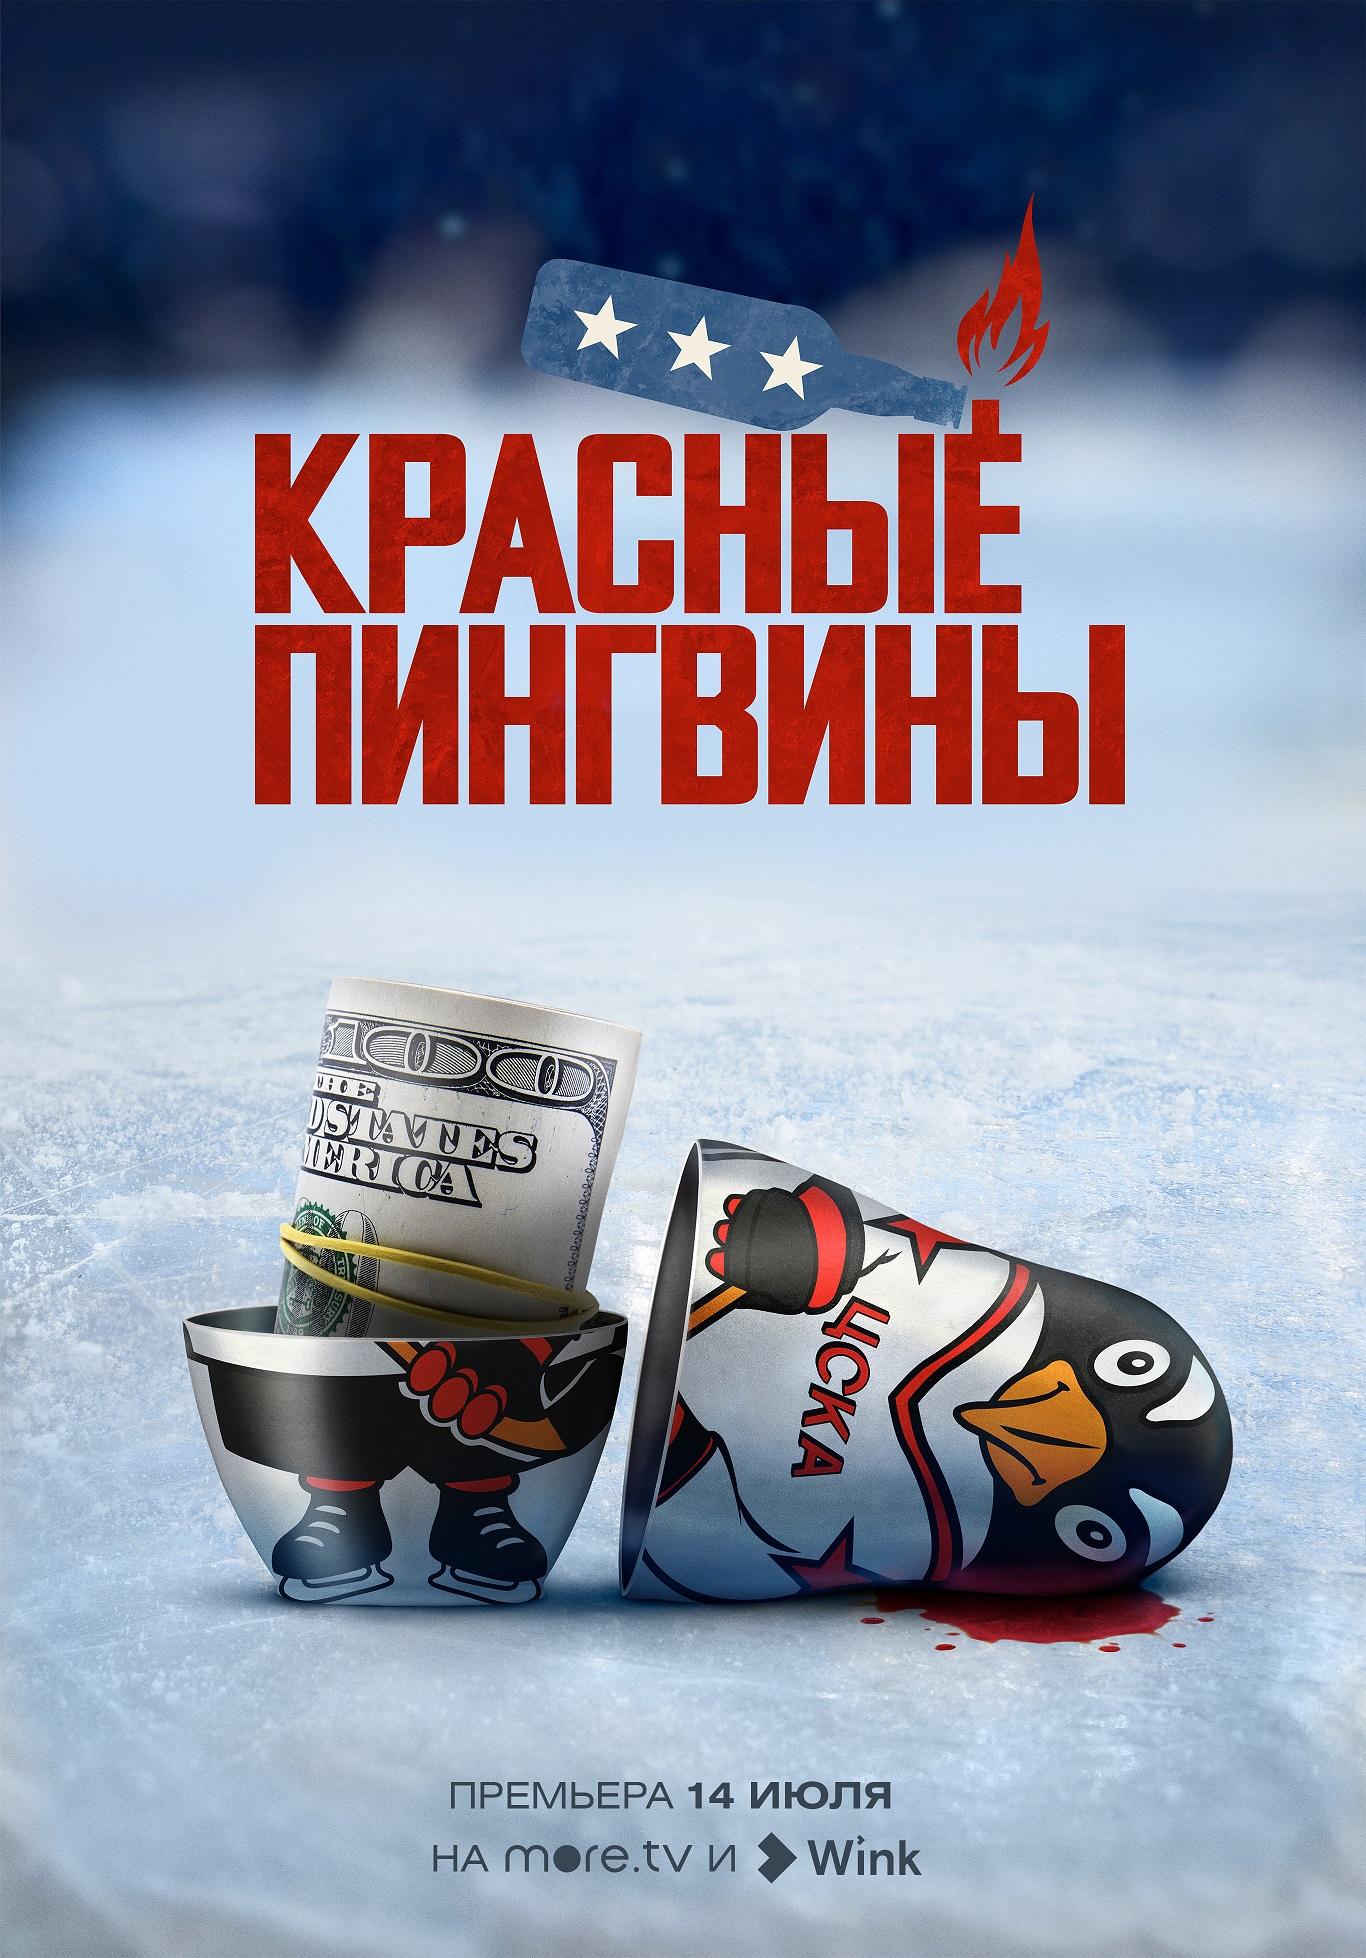 Лихие 90-е, американская мечта и русский хоккей: премьера документального фильма «Красные пингвины» на more.tv и Wink 14 июля